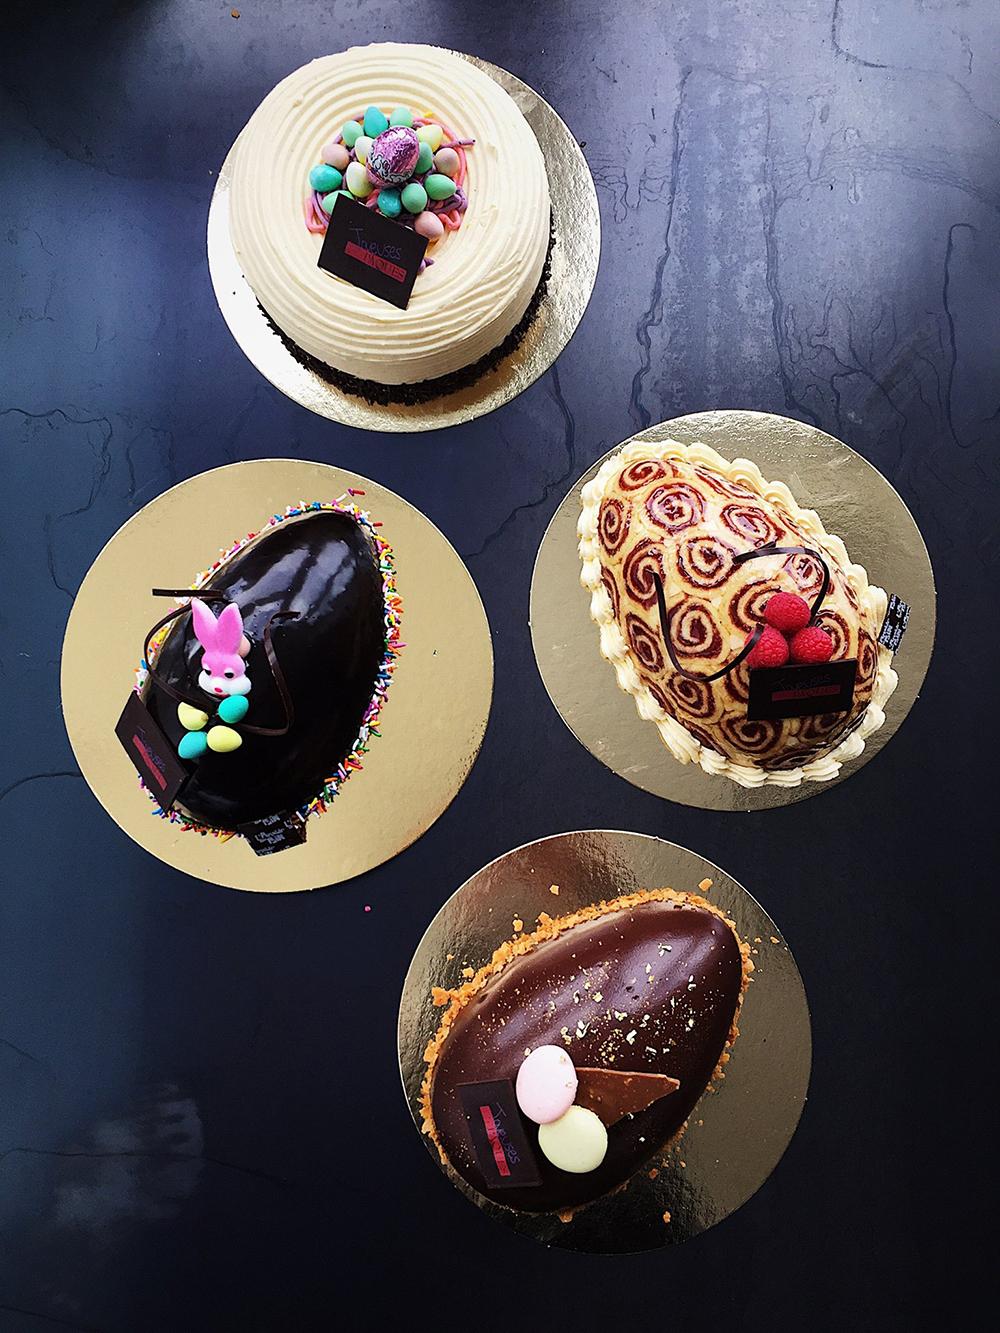 ŒUF ROYAL 6-8 pers. (en bas) -36,45 $  Composition royale classique  ŒUF CASINO 6-8 pers. (milieu droit) -36,45 $  Rouleau amandes et framboises, mousseline Kirsch.  ŒUF MOUSSE CHOCOLAT 6-8 pers. (milieu gauche) - 36,45 $  Intérieur mousse au chocolat et nappage de chocolat.  NID À LA CRÈME AU BEURRE 6-8 pers (en haut) -27,95 $  Gâteau crème au beurre à la vanille.  TARTELETTE CHOCOLAT –6, 15 $  Fond sucré, ganache au chocolat et sa mousse chocolat  CUPCAKE VARIÉ –4, 85 $